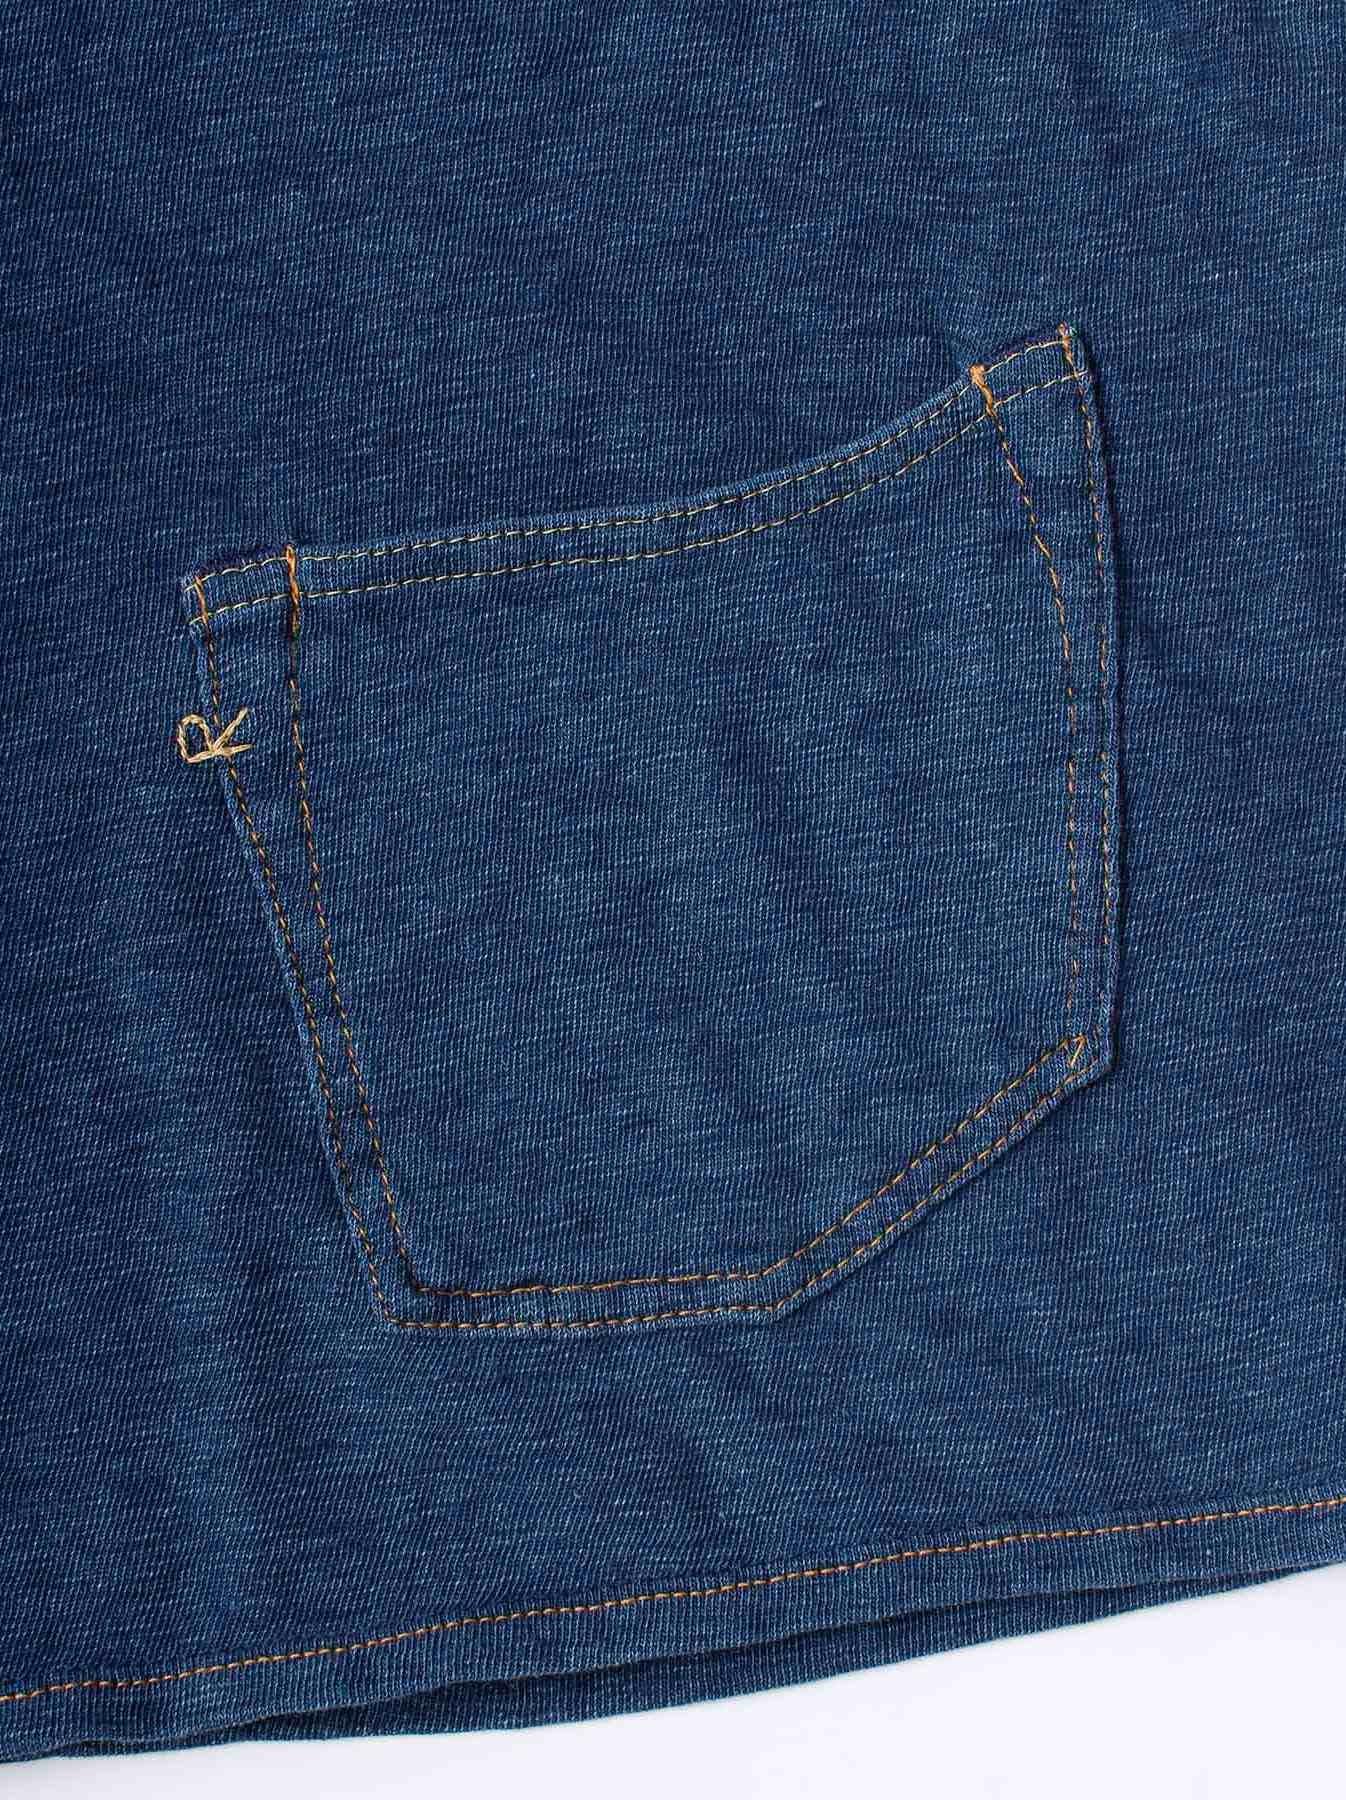 WH Indigo Plating Tenjiku T-shirt Distressed-9